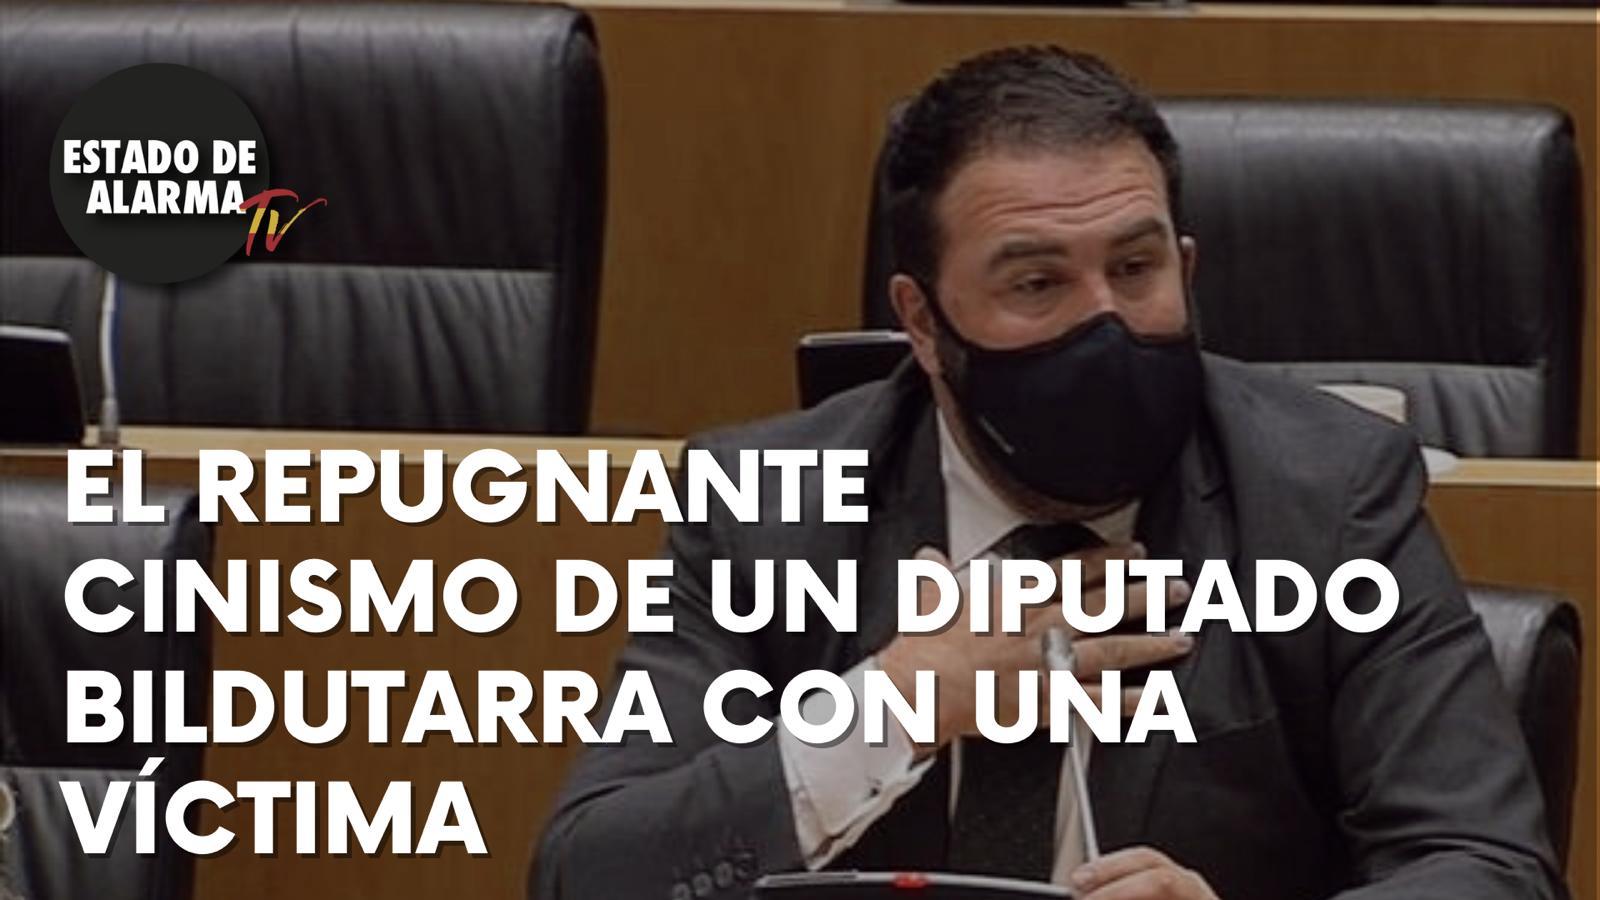 VEAN el REPUGNANTE CINISMO de un diputado BILDUTARRA con una VÍCTIMA